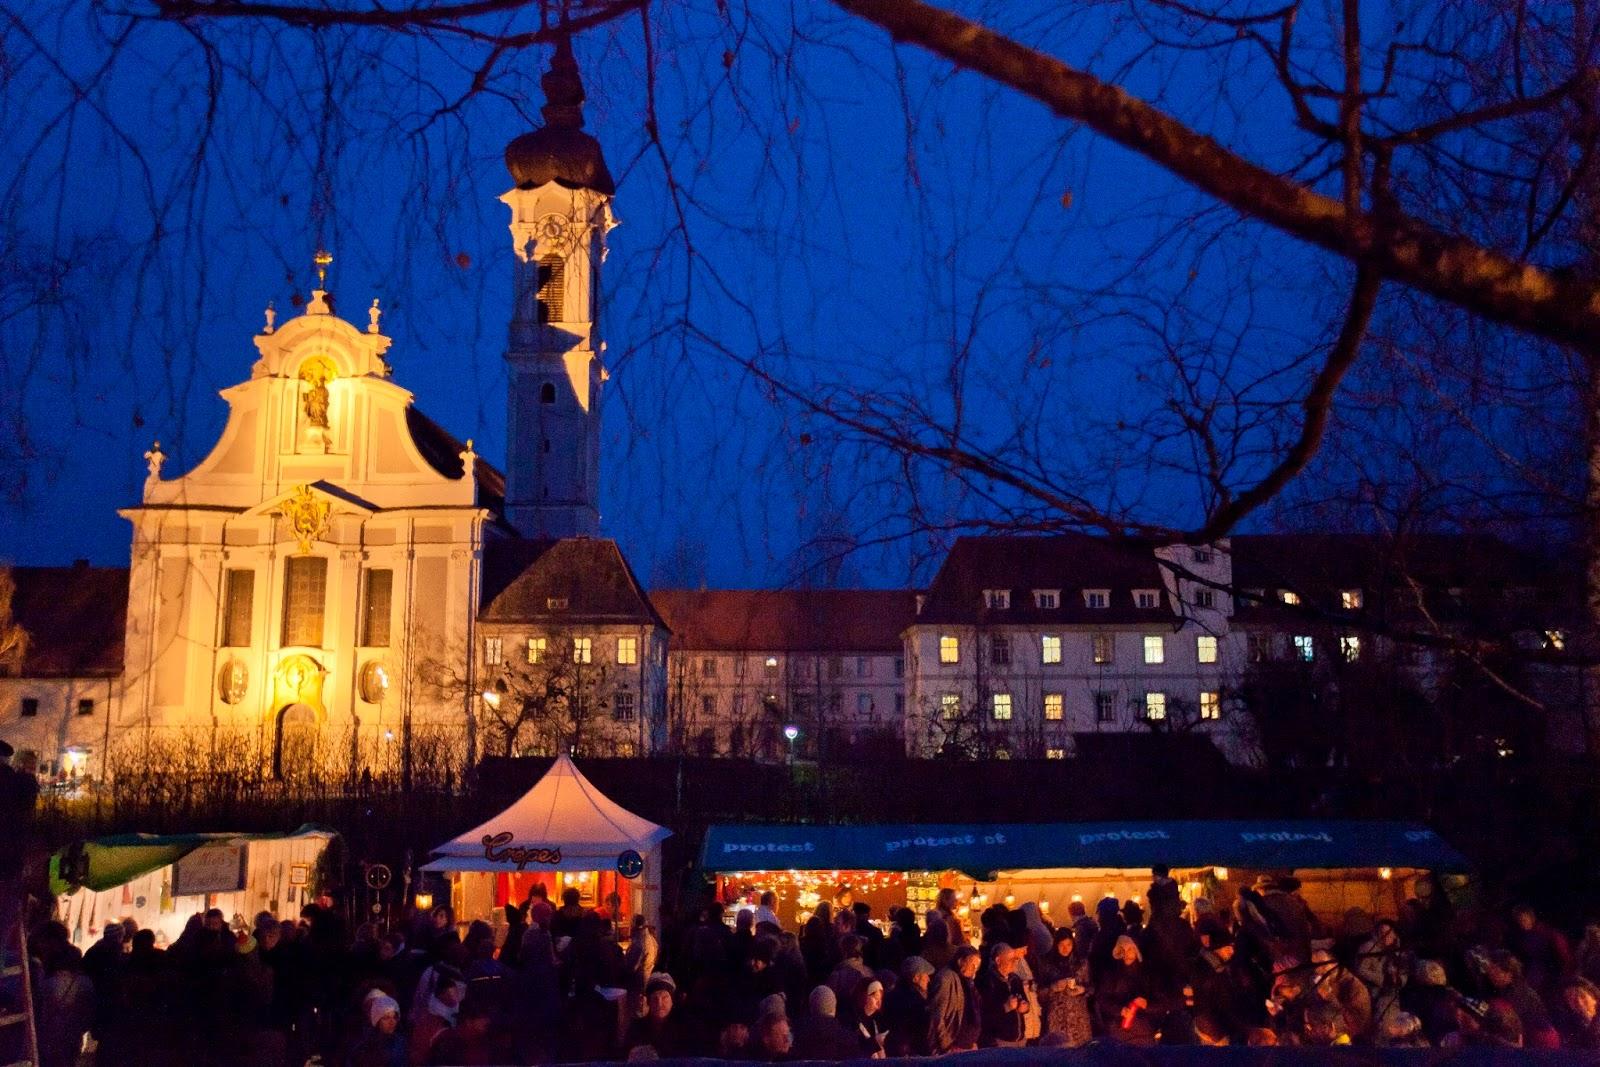 Kloster Andechs Weihnachtsmarkt.Texterl November 2017